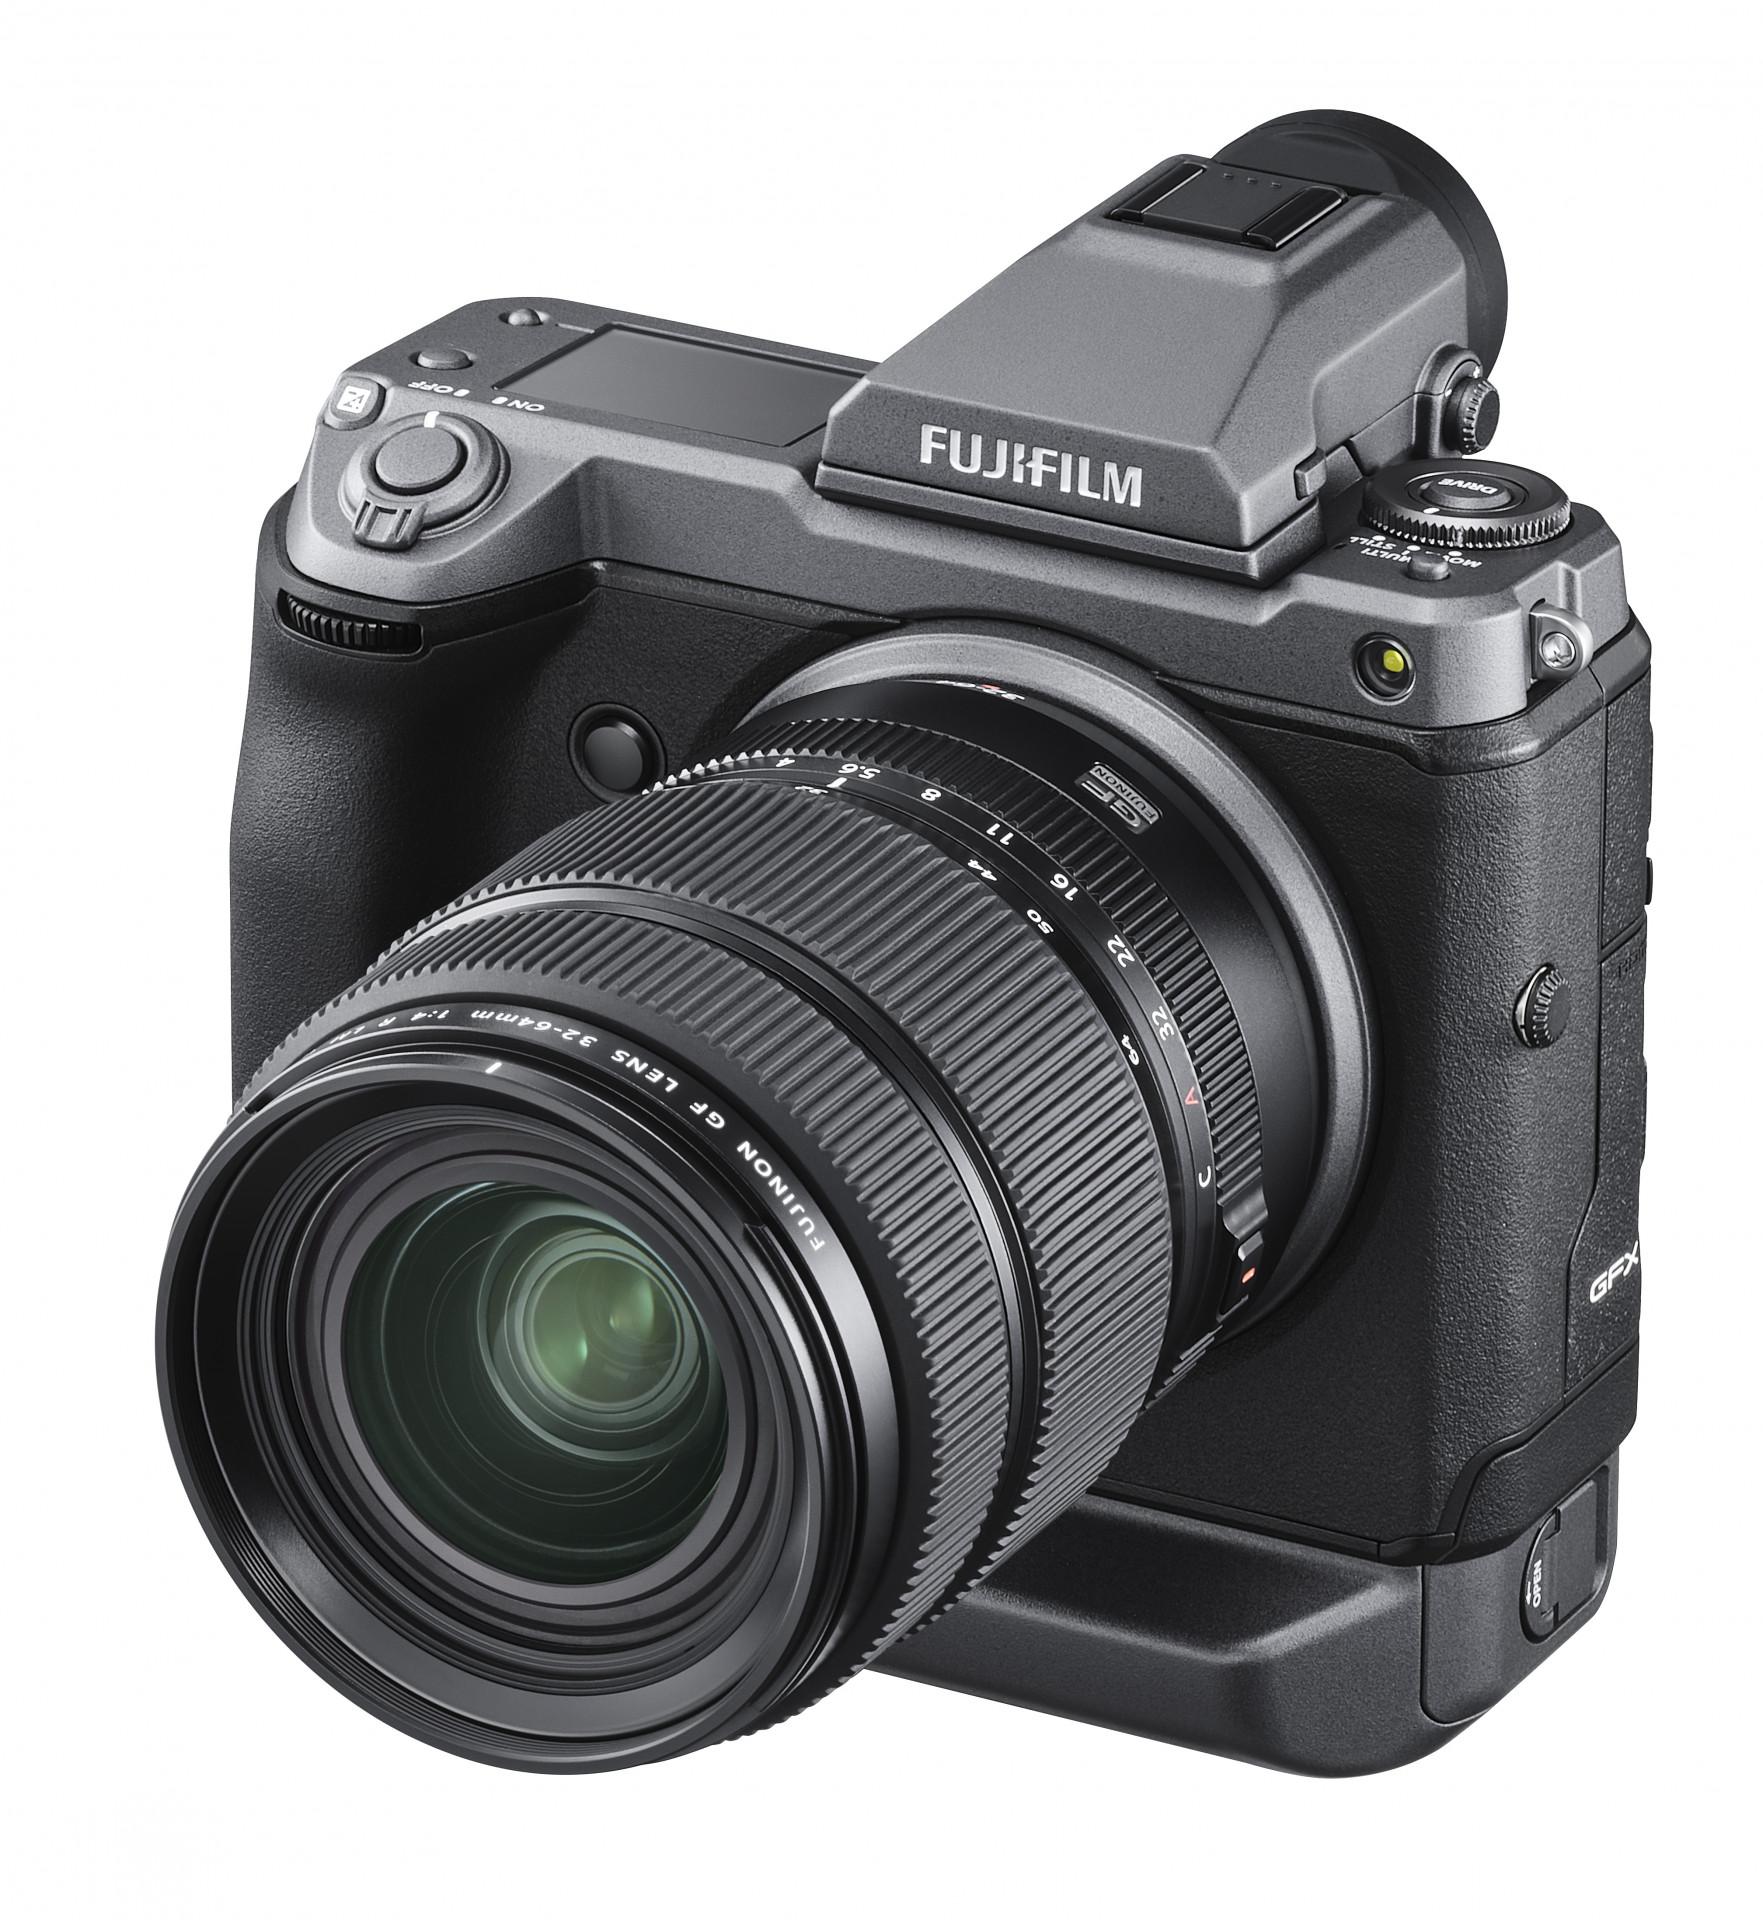 Fujifilms Mittelformatkamera GFX 100 bringt neuen Sensor und kommt im Sommer